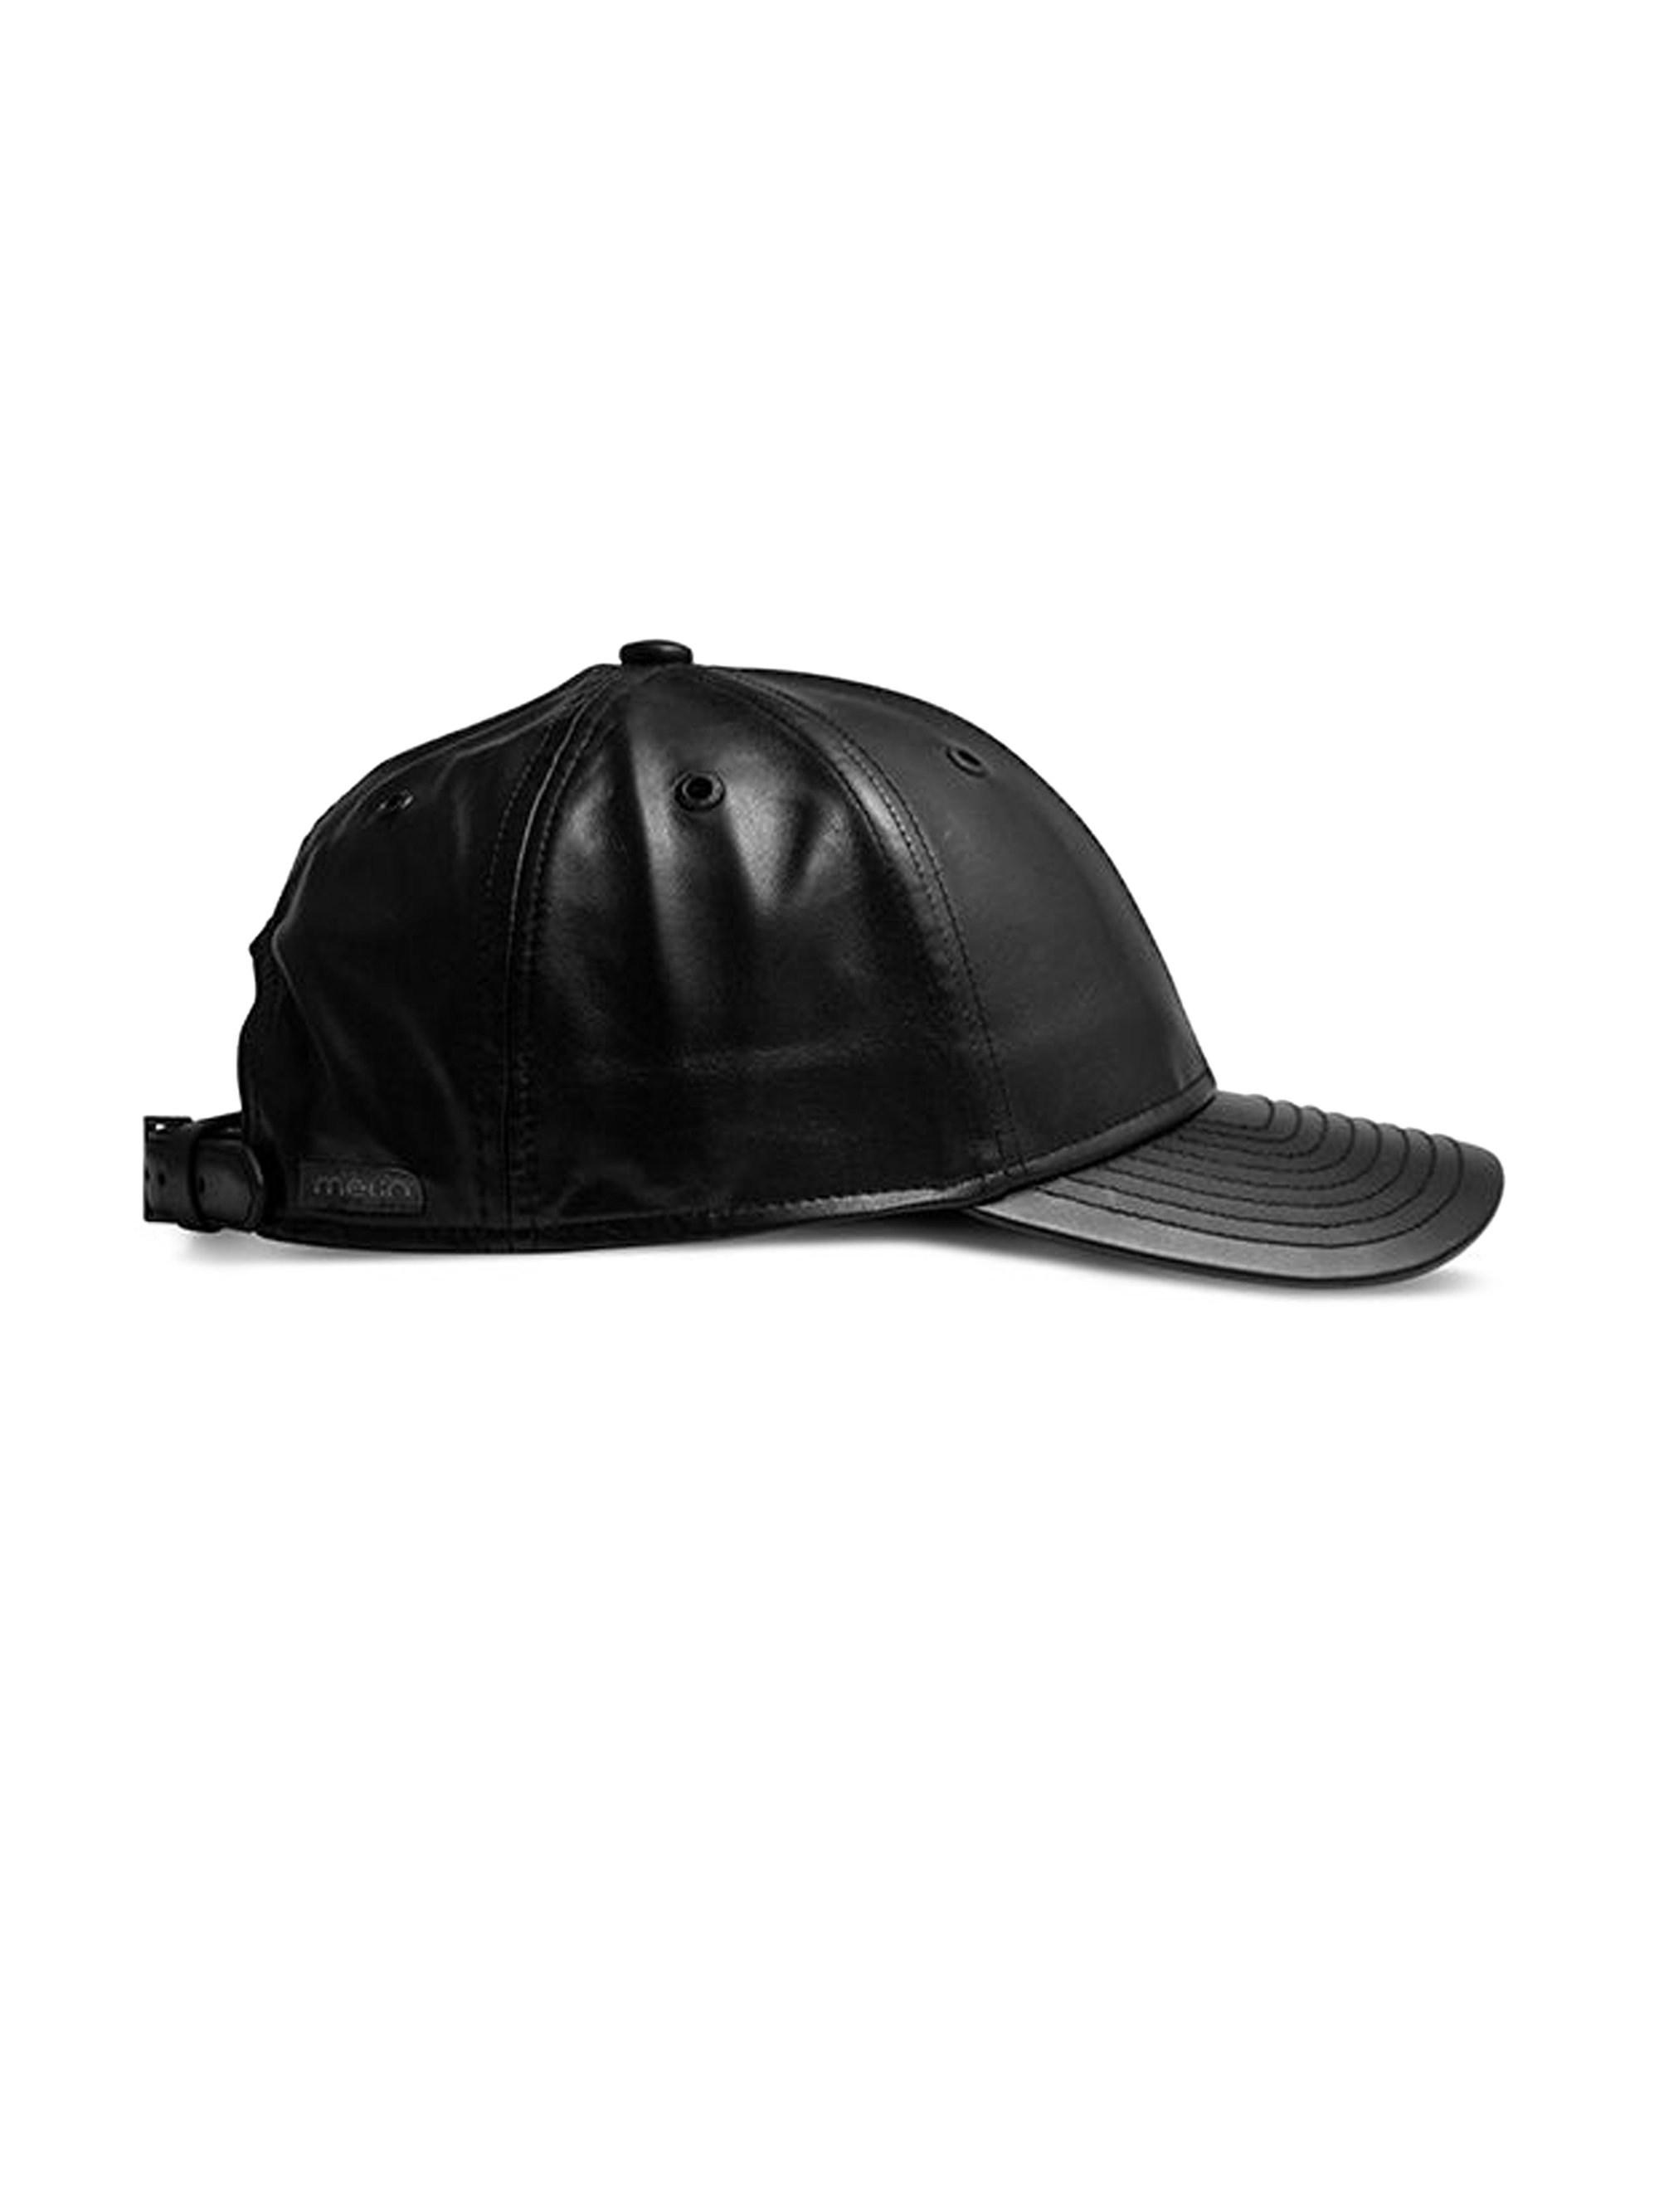 2169fe5fca4 ... france melin mens the voyage leather baseball hat black in black for  men 0fec9 9835e